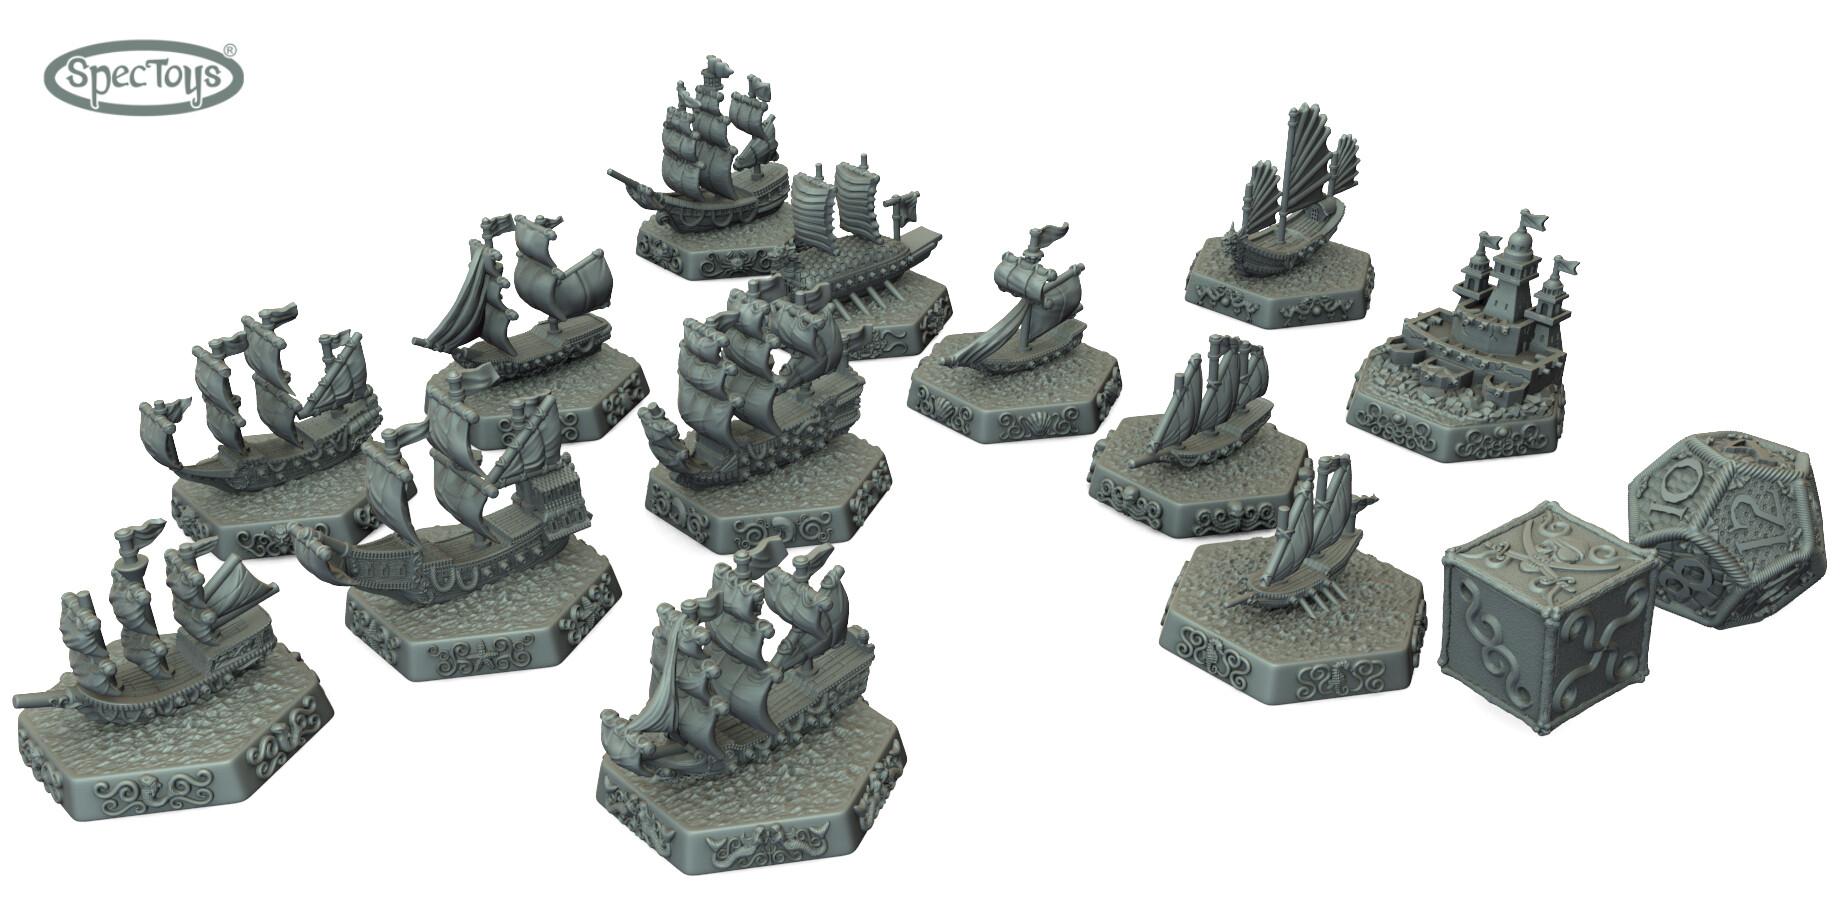 Alex pereira ships